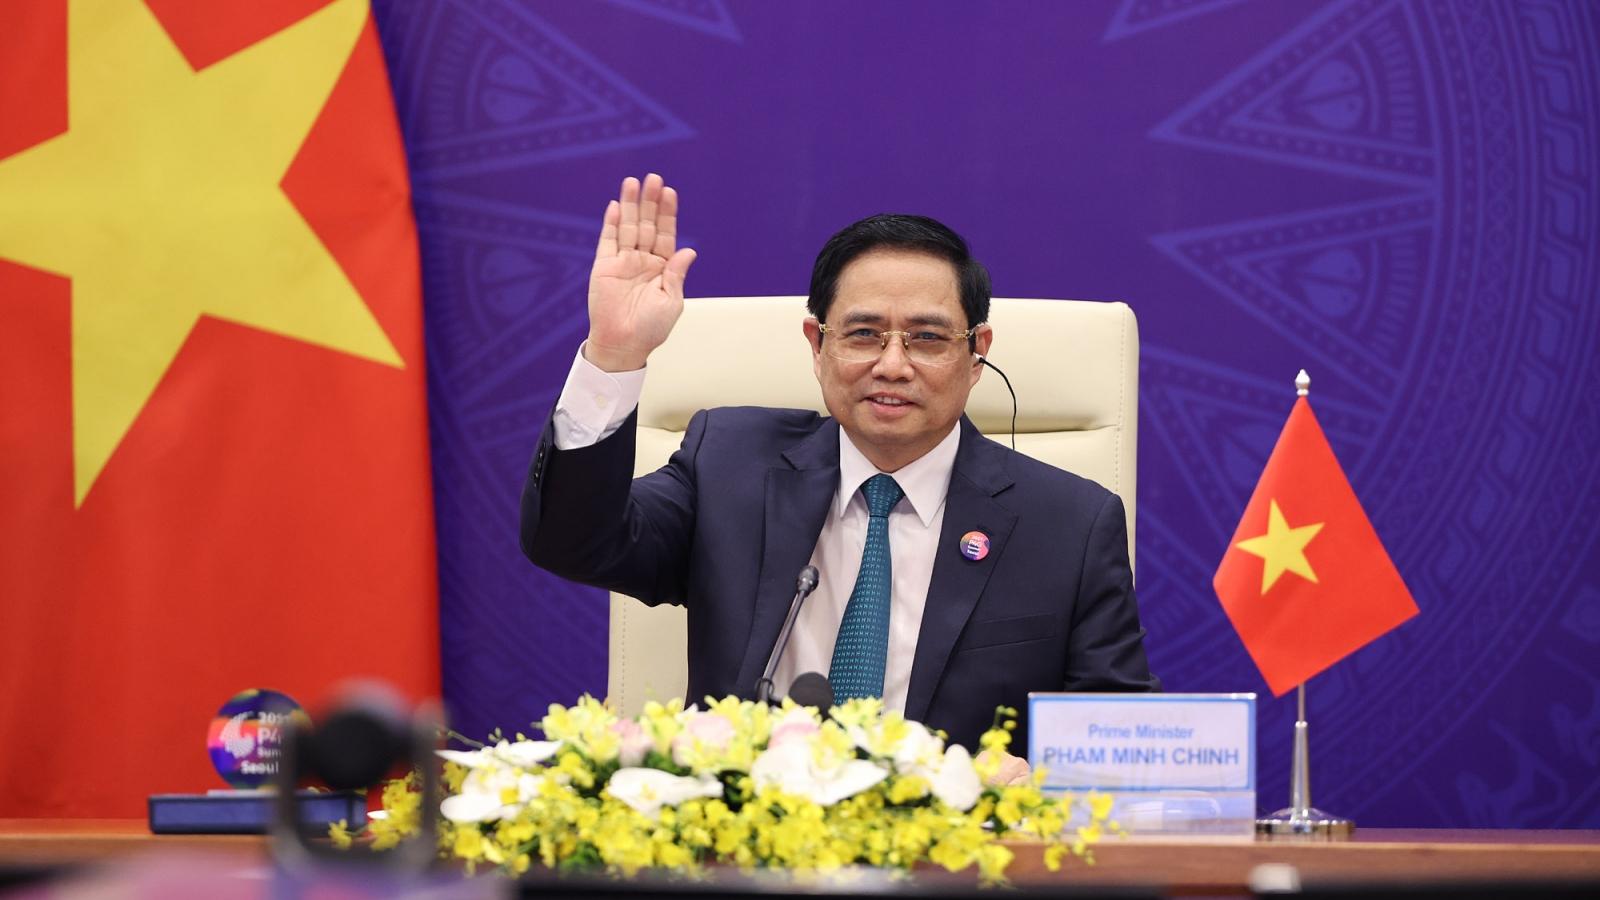 Thủ tướng: Cần hài hòa giữa phục hồi kinh tế với phát triển xanh thời kỳ hậu Covid-19